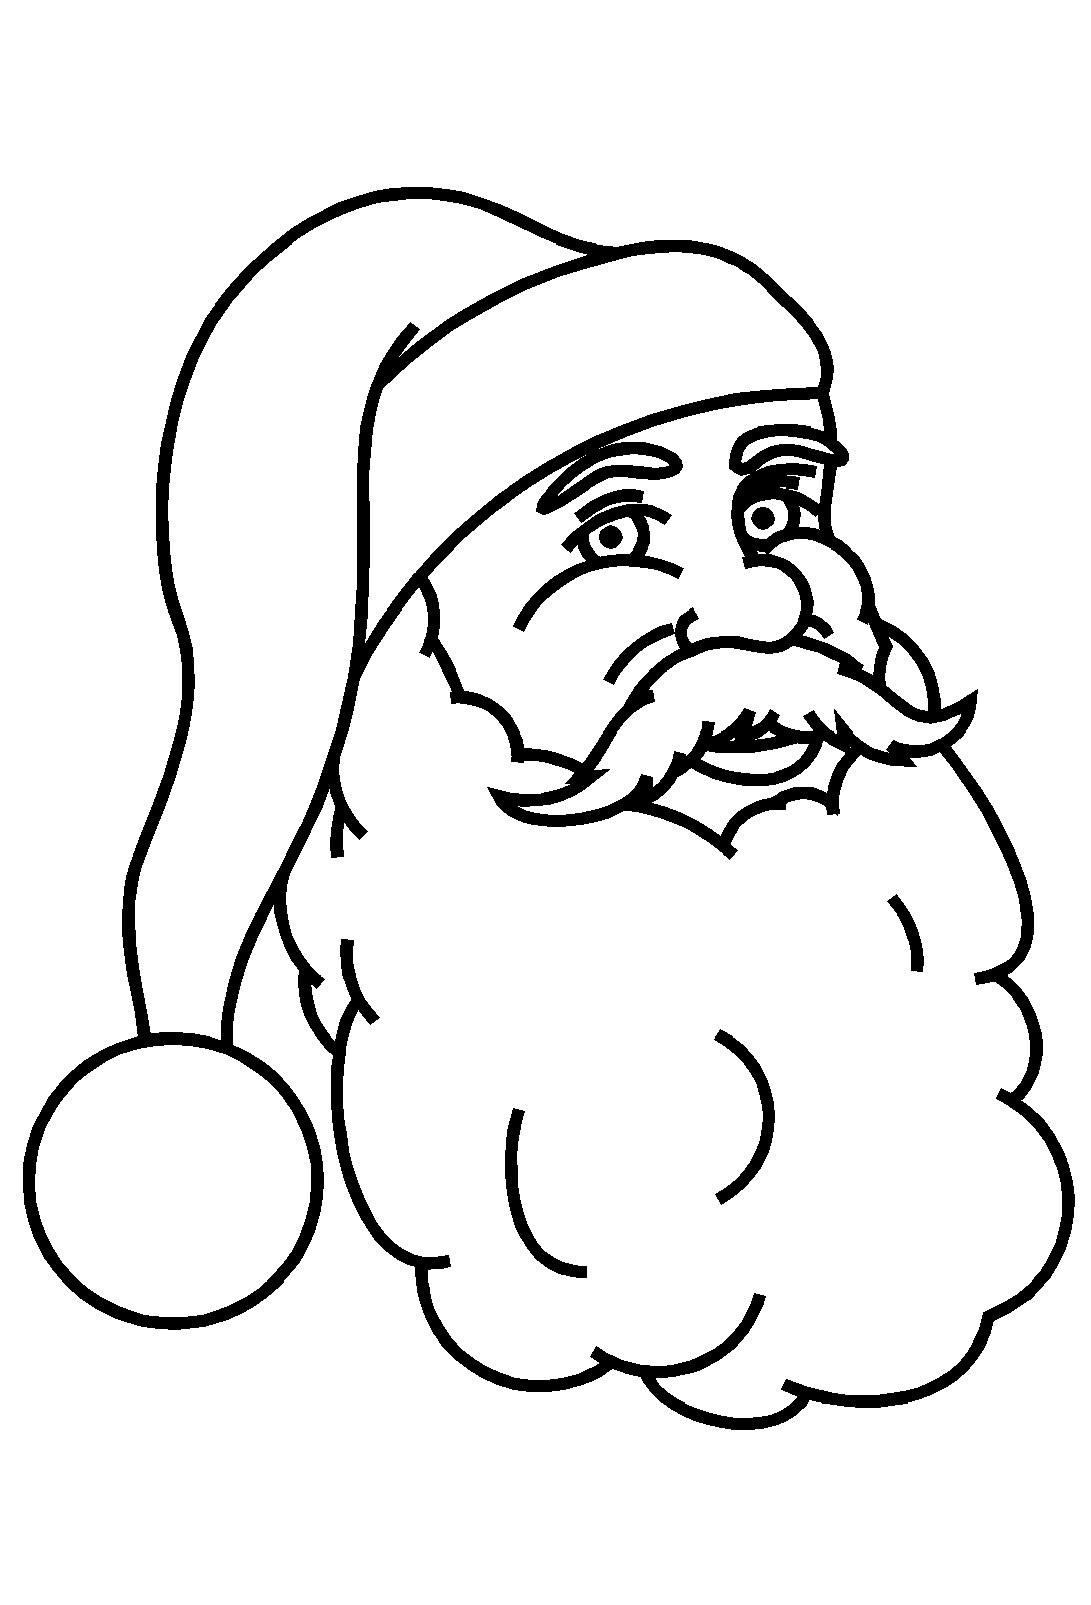 17 Dessins De Coloriage T Te De P Re Noël Imprimer Avec tout Coloriage De Pere Noel A Imprimer Gratuitement